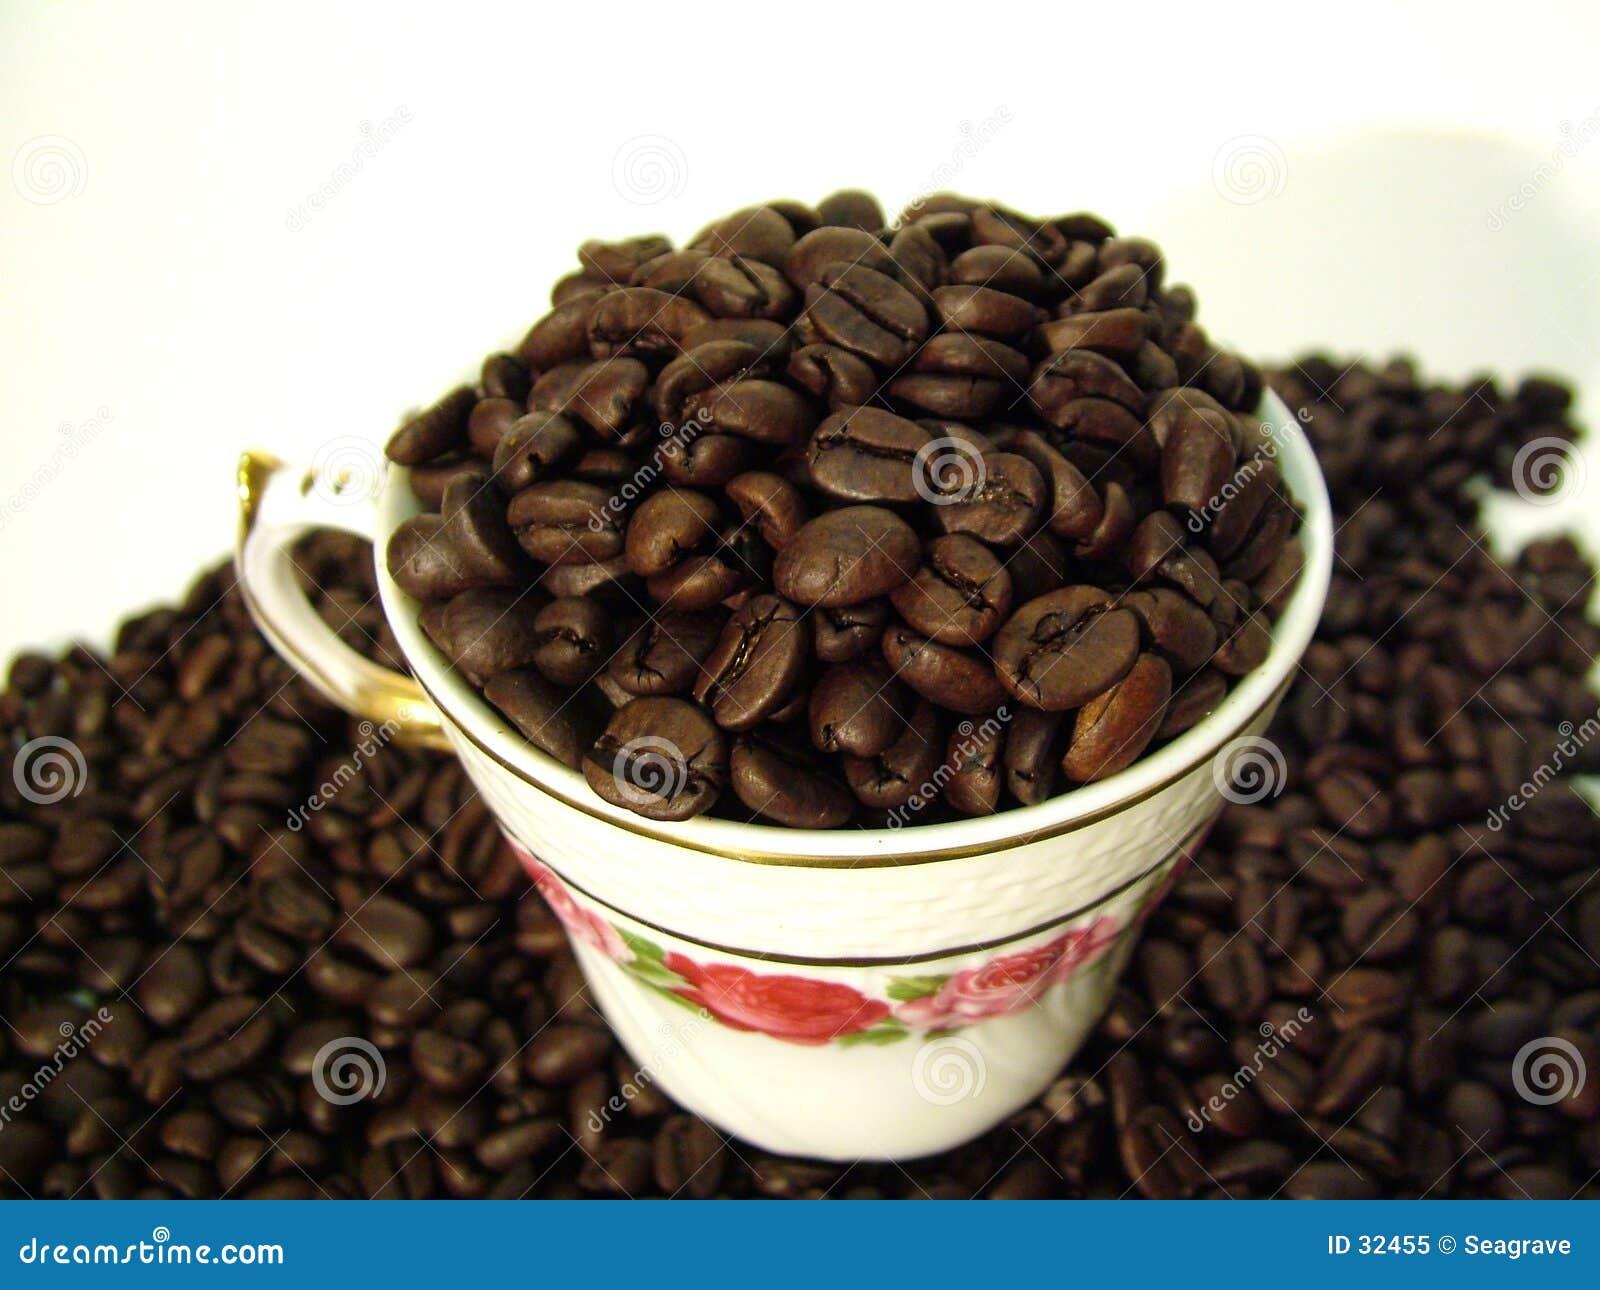 Download Java iedereen? stock afbeelding. Afbeelding bestaande uit koffie - 32455